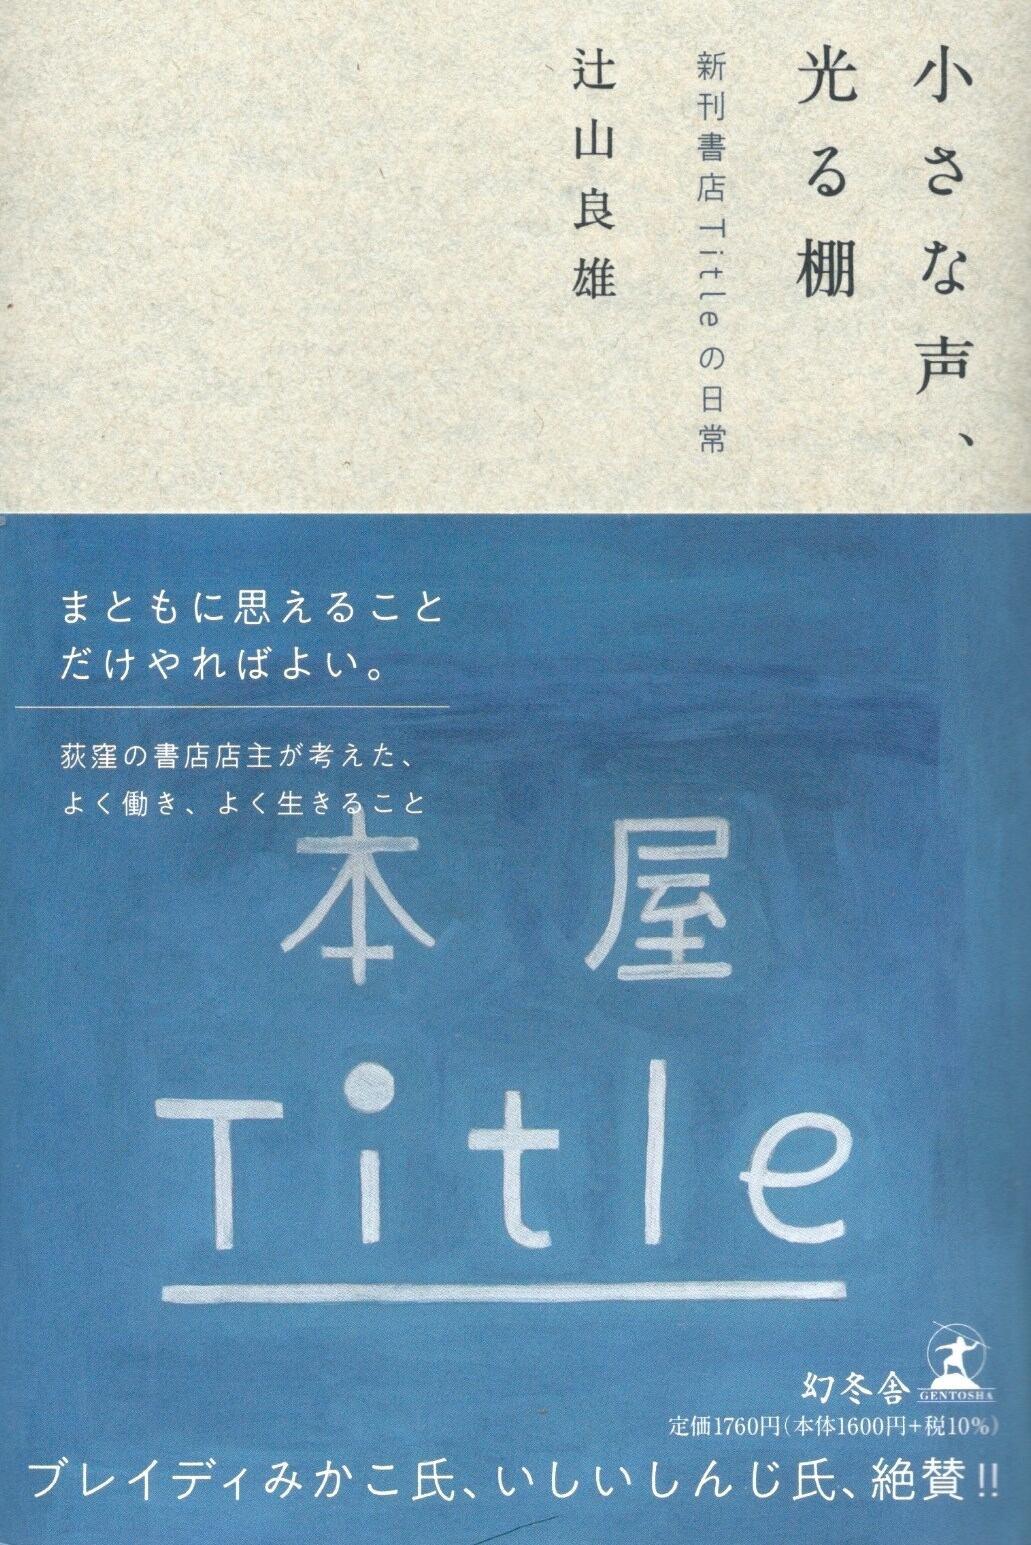 小さな声、光る棚——新刊書店Titleの日常